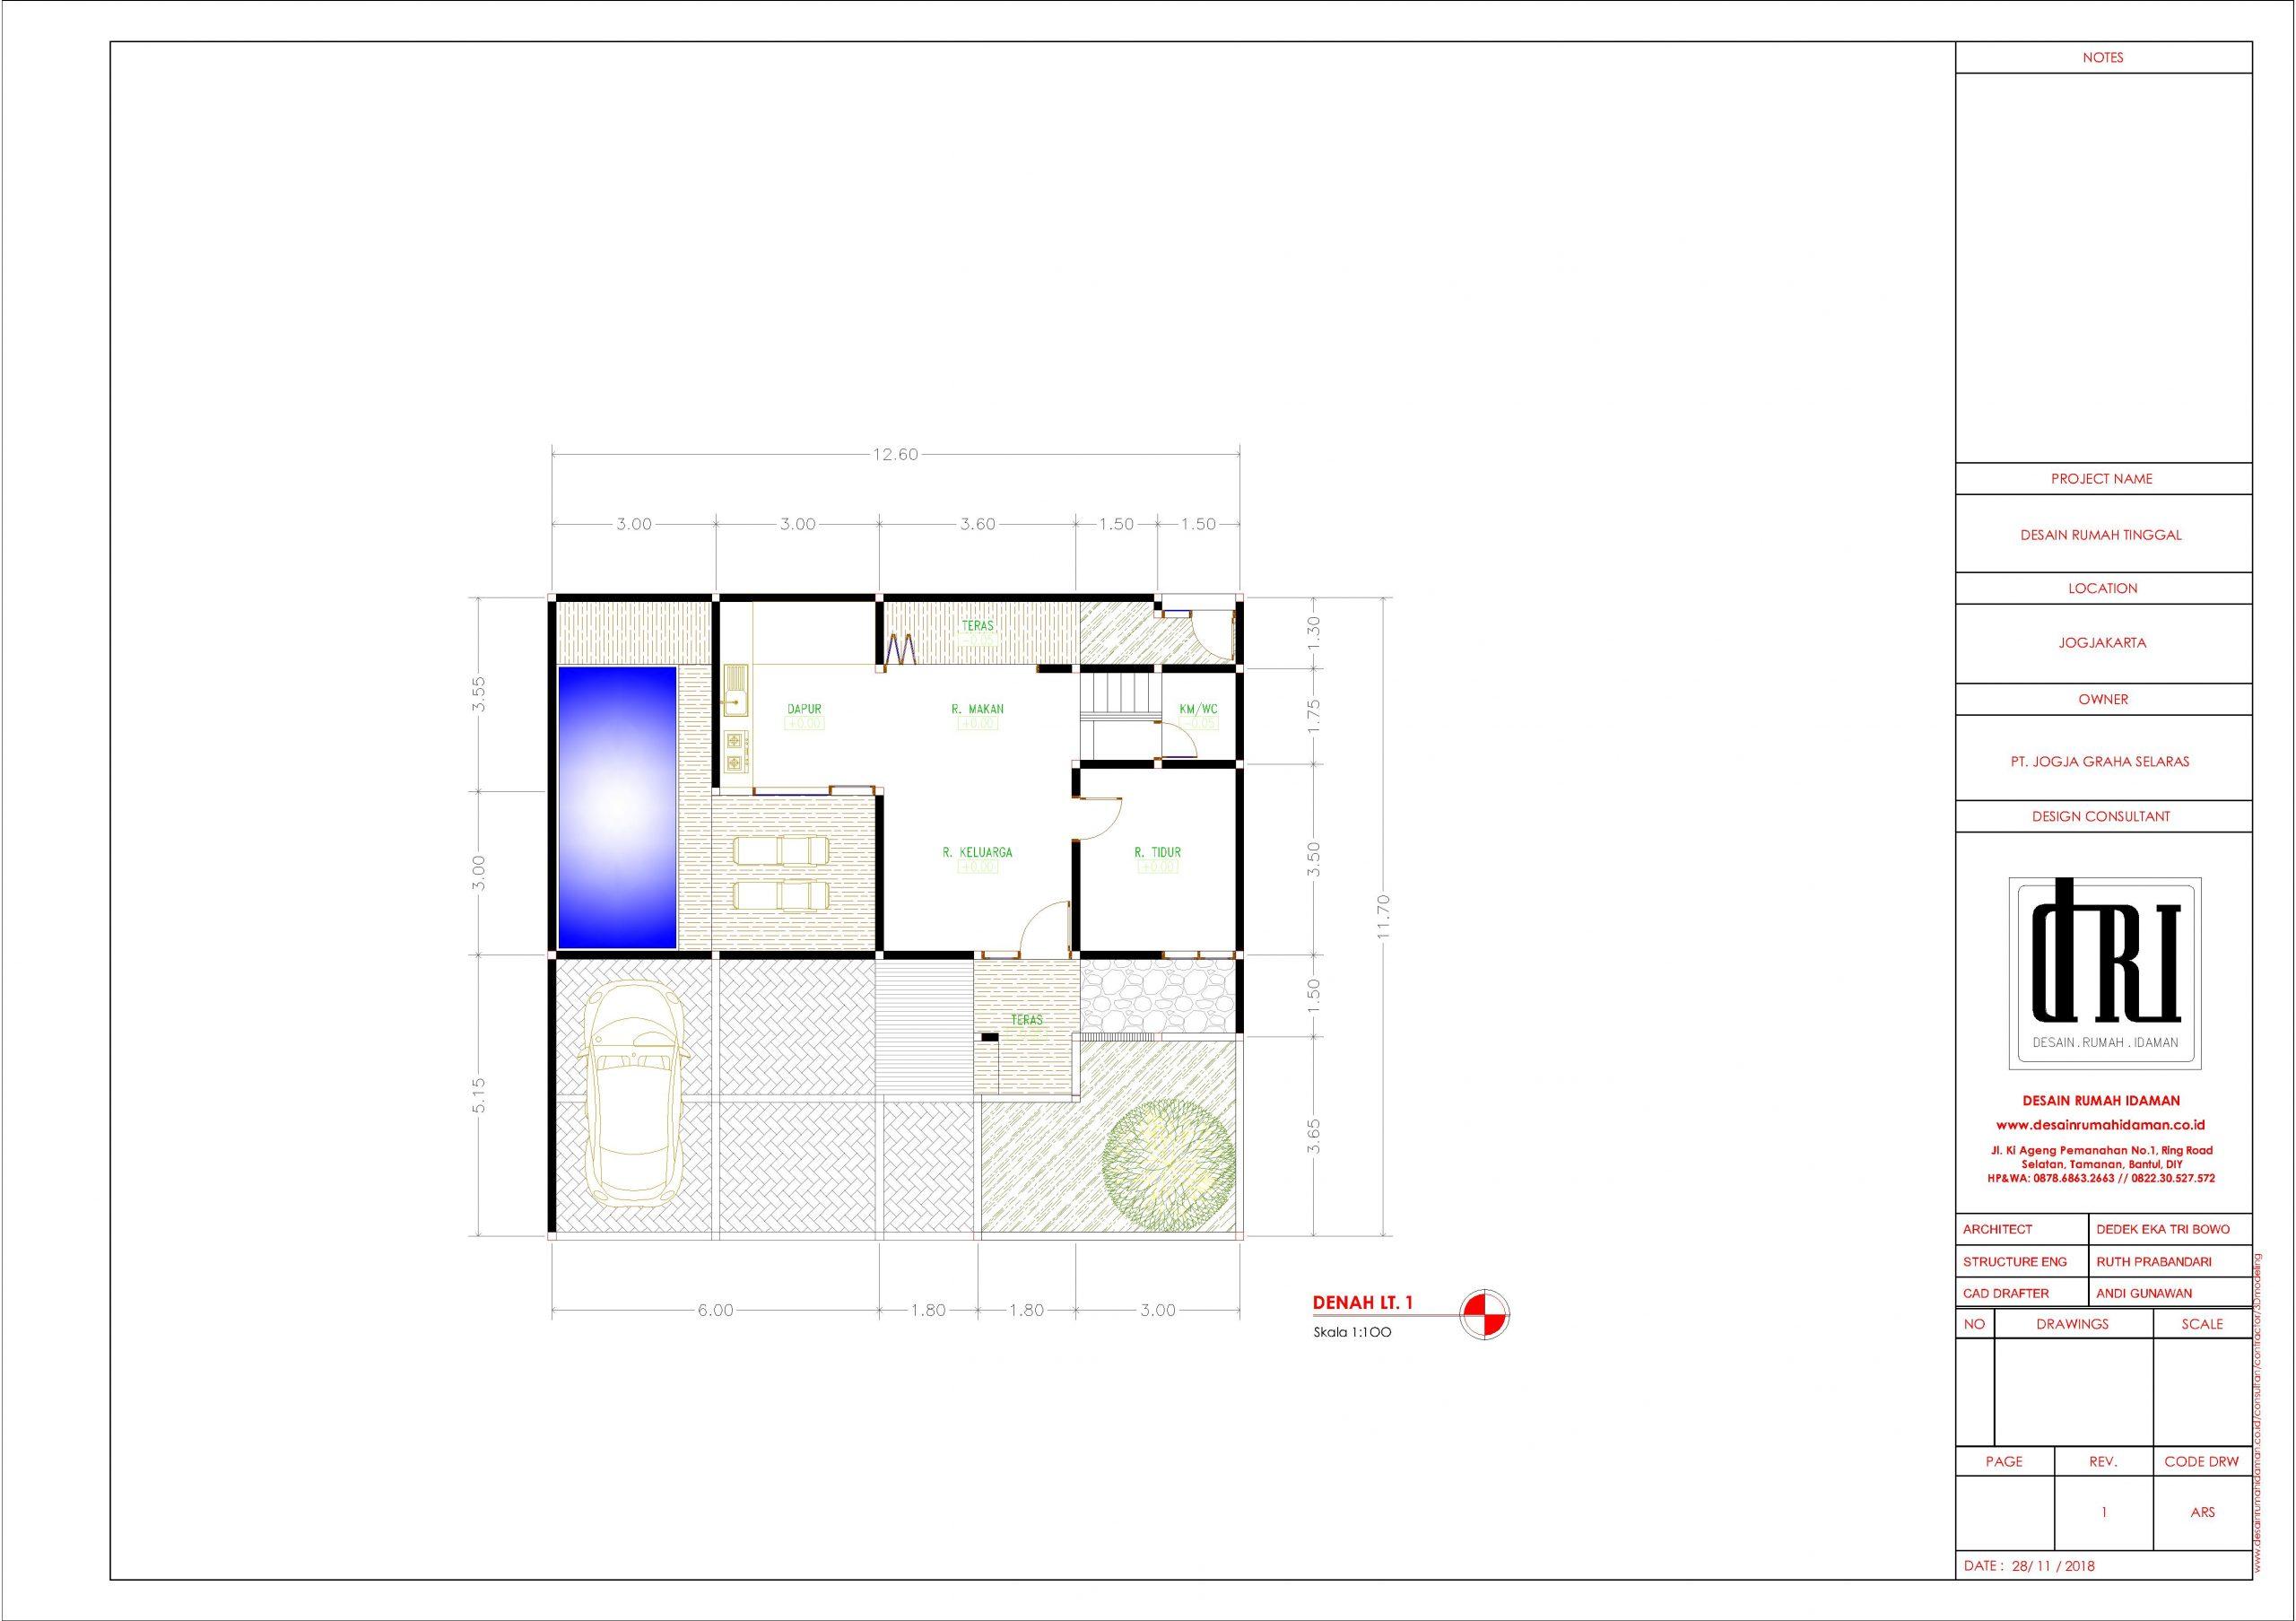 desain rumah industrial, Jogjakarta